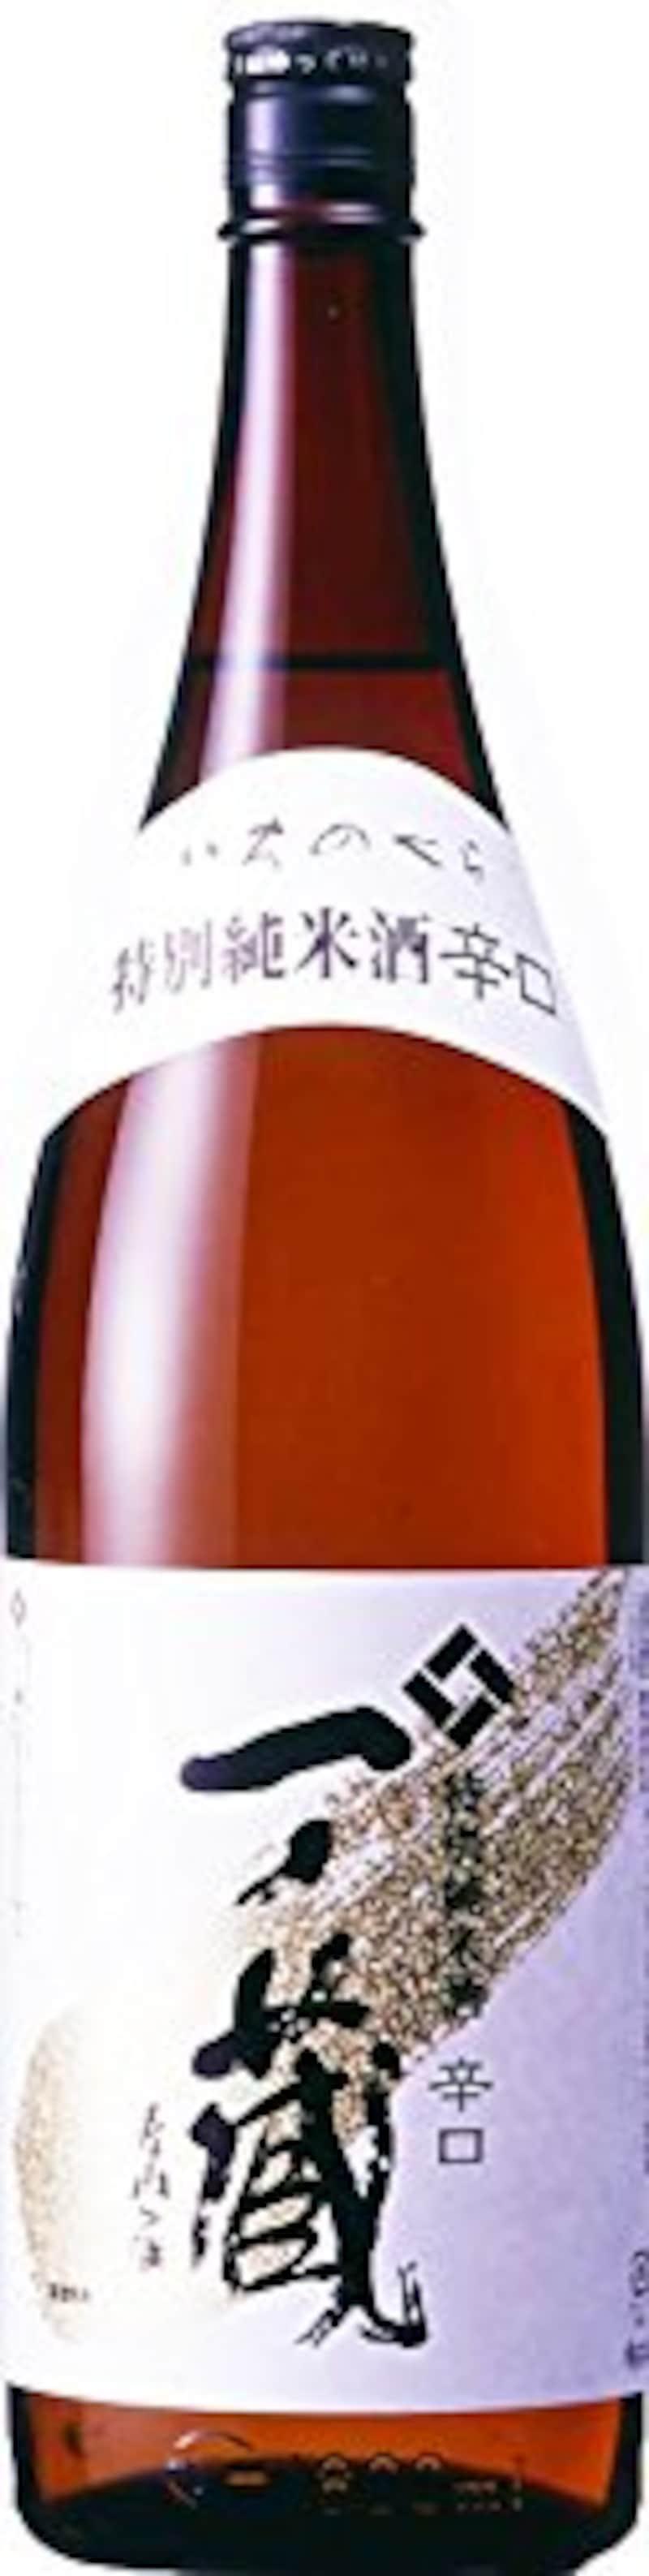 一ノ蔵,一ノ蔵特別純米酒